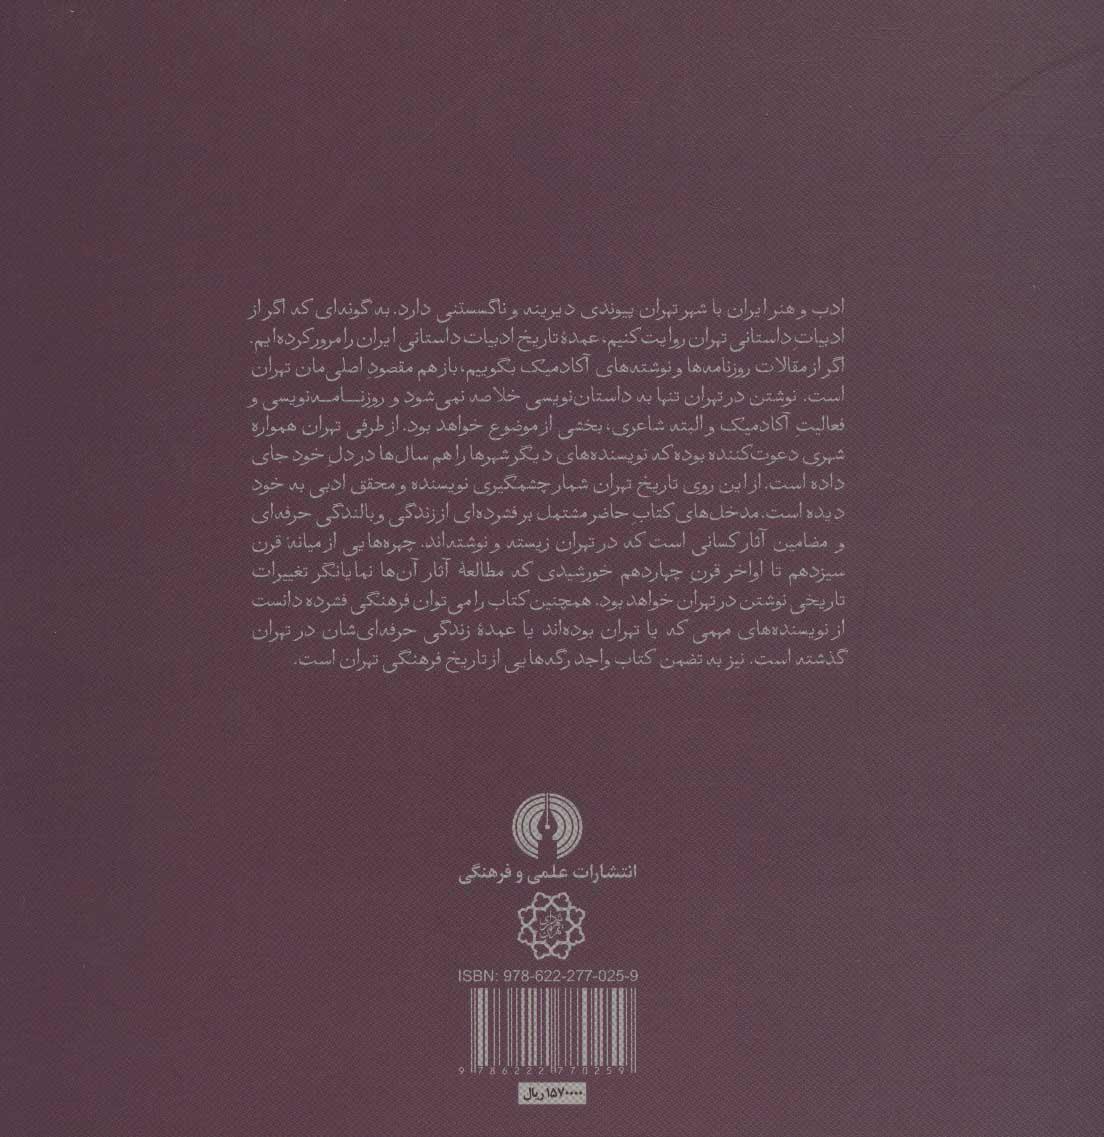 صد سال نویسندگی در تهران:صد تک نگاری درباب صد نویسنده شهر تهران (کتب سده 6)